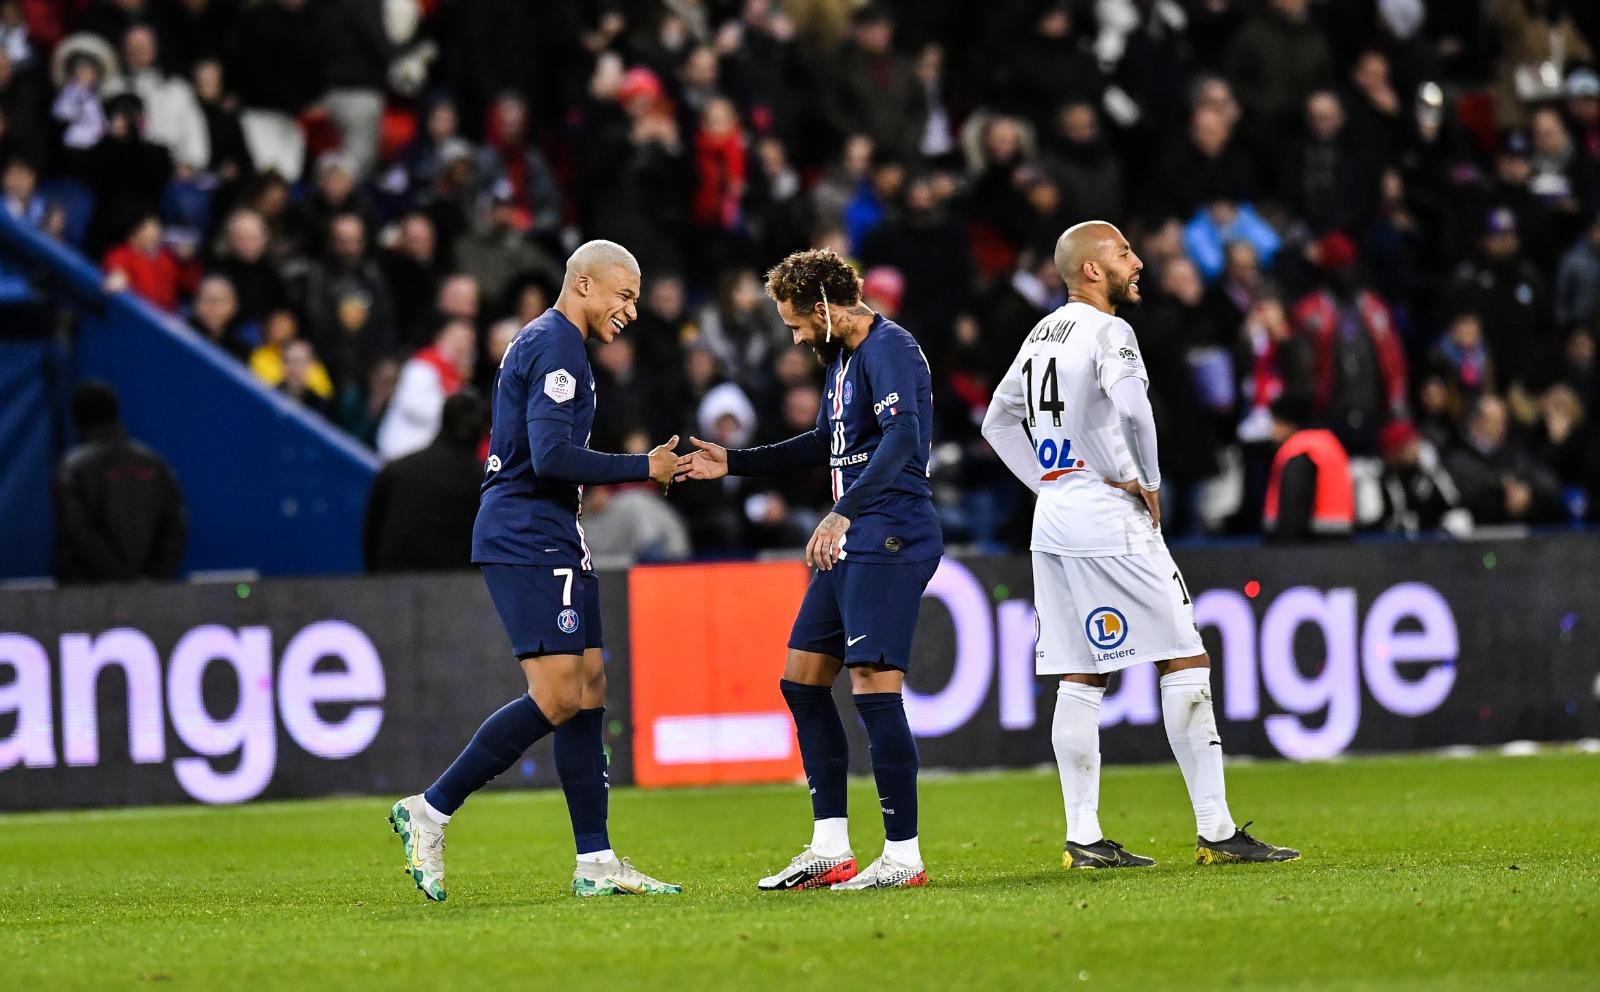 📝 Goleada del PSG para despedir el año - Onefootball Español